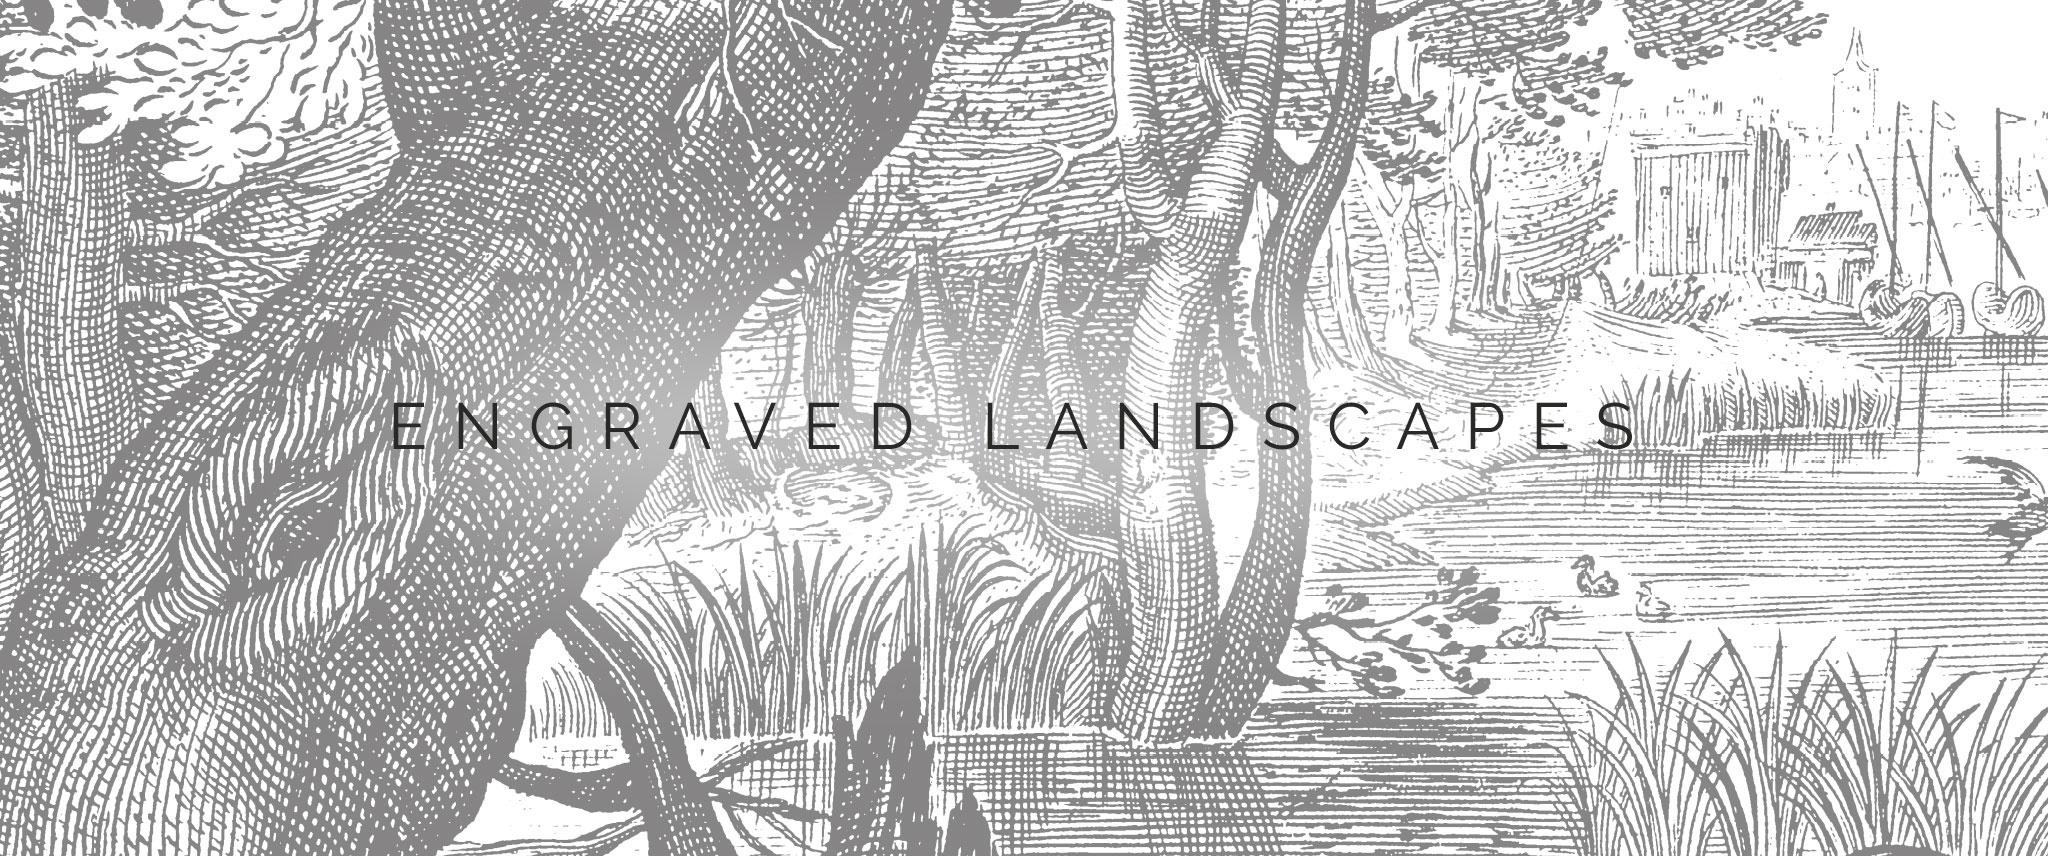 Behang Engraved Landscapes